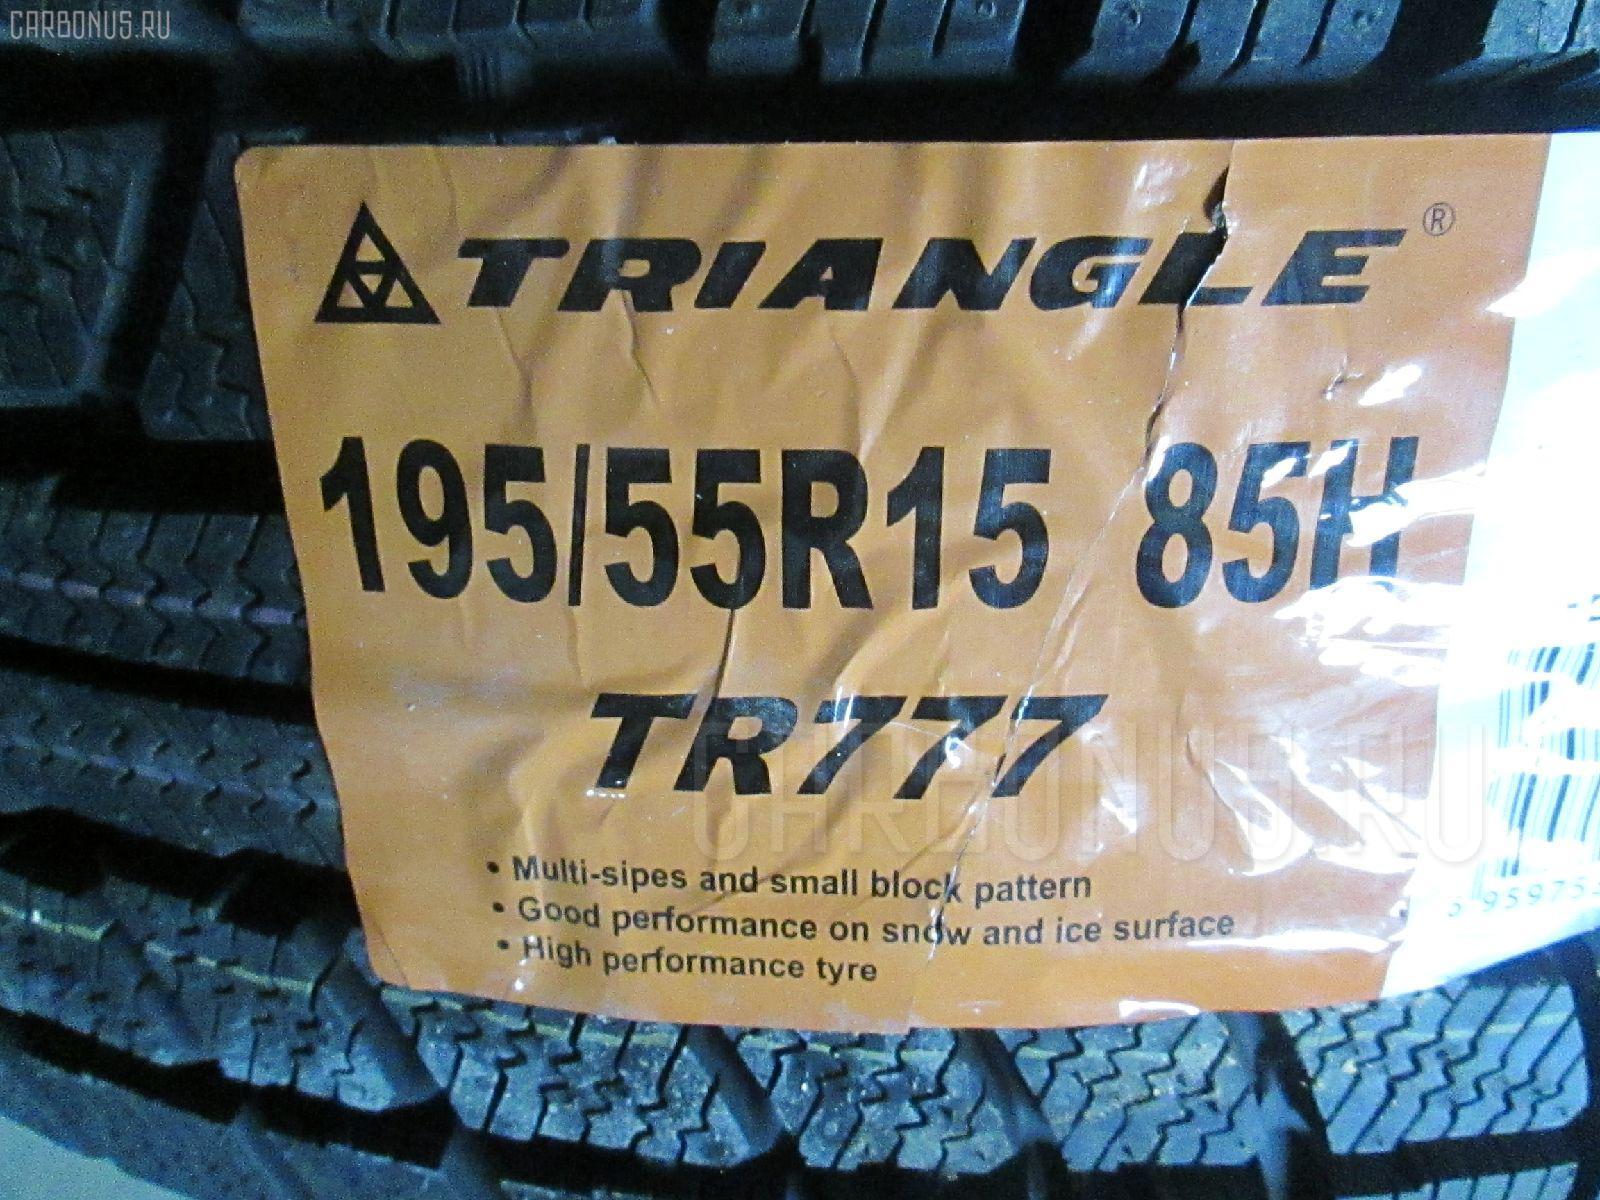 Автошина легковая зимняя TR777 195/55R15. Фото 1